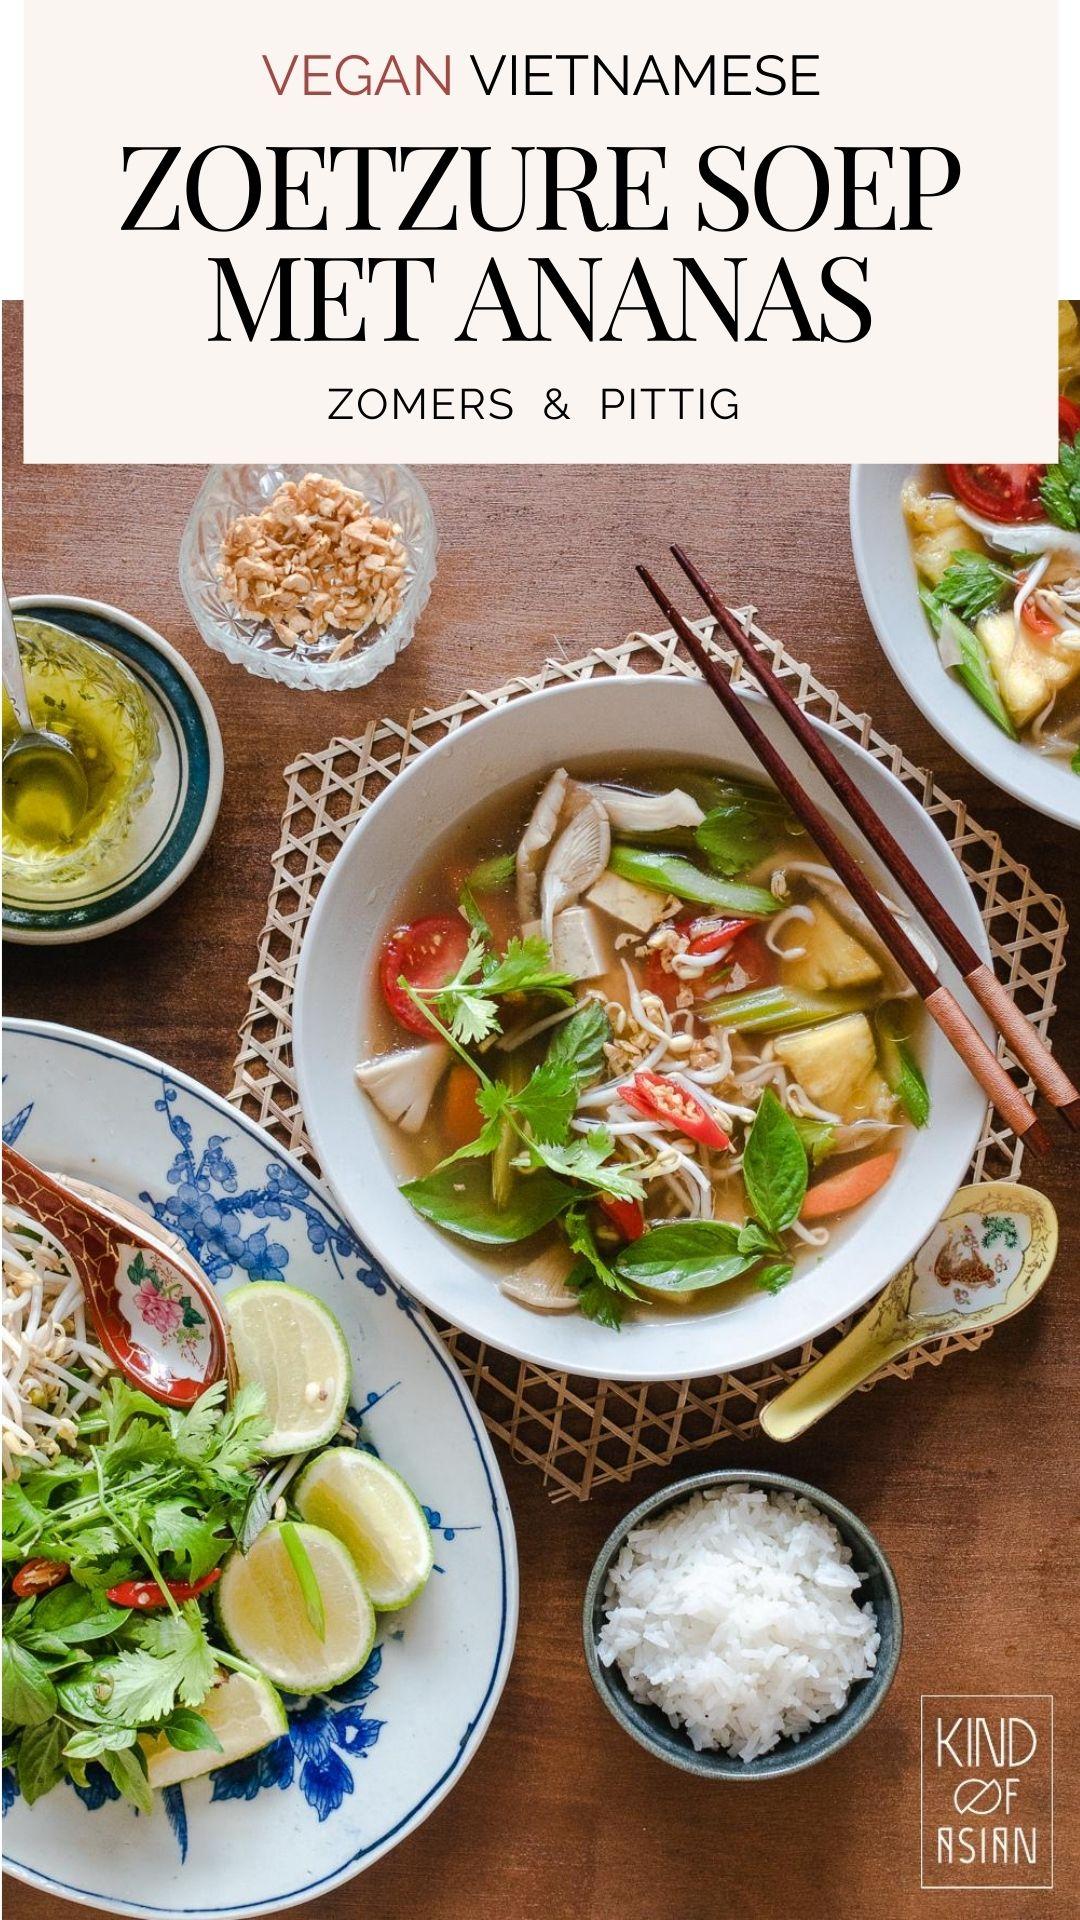 Vietnamese pittige, zoetzure soep met rijpe ananas en friszure tamarinde en een vleugje komijn - niet traditioneel met vis maar met een smaakvolle vegan bouillon. Temper de uitbundige smaken met jasmijnrijst!